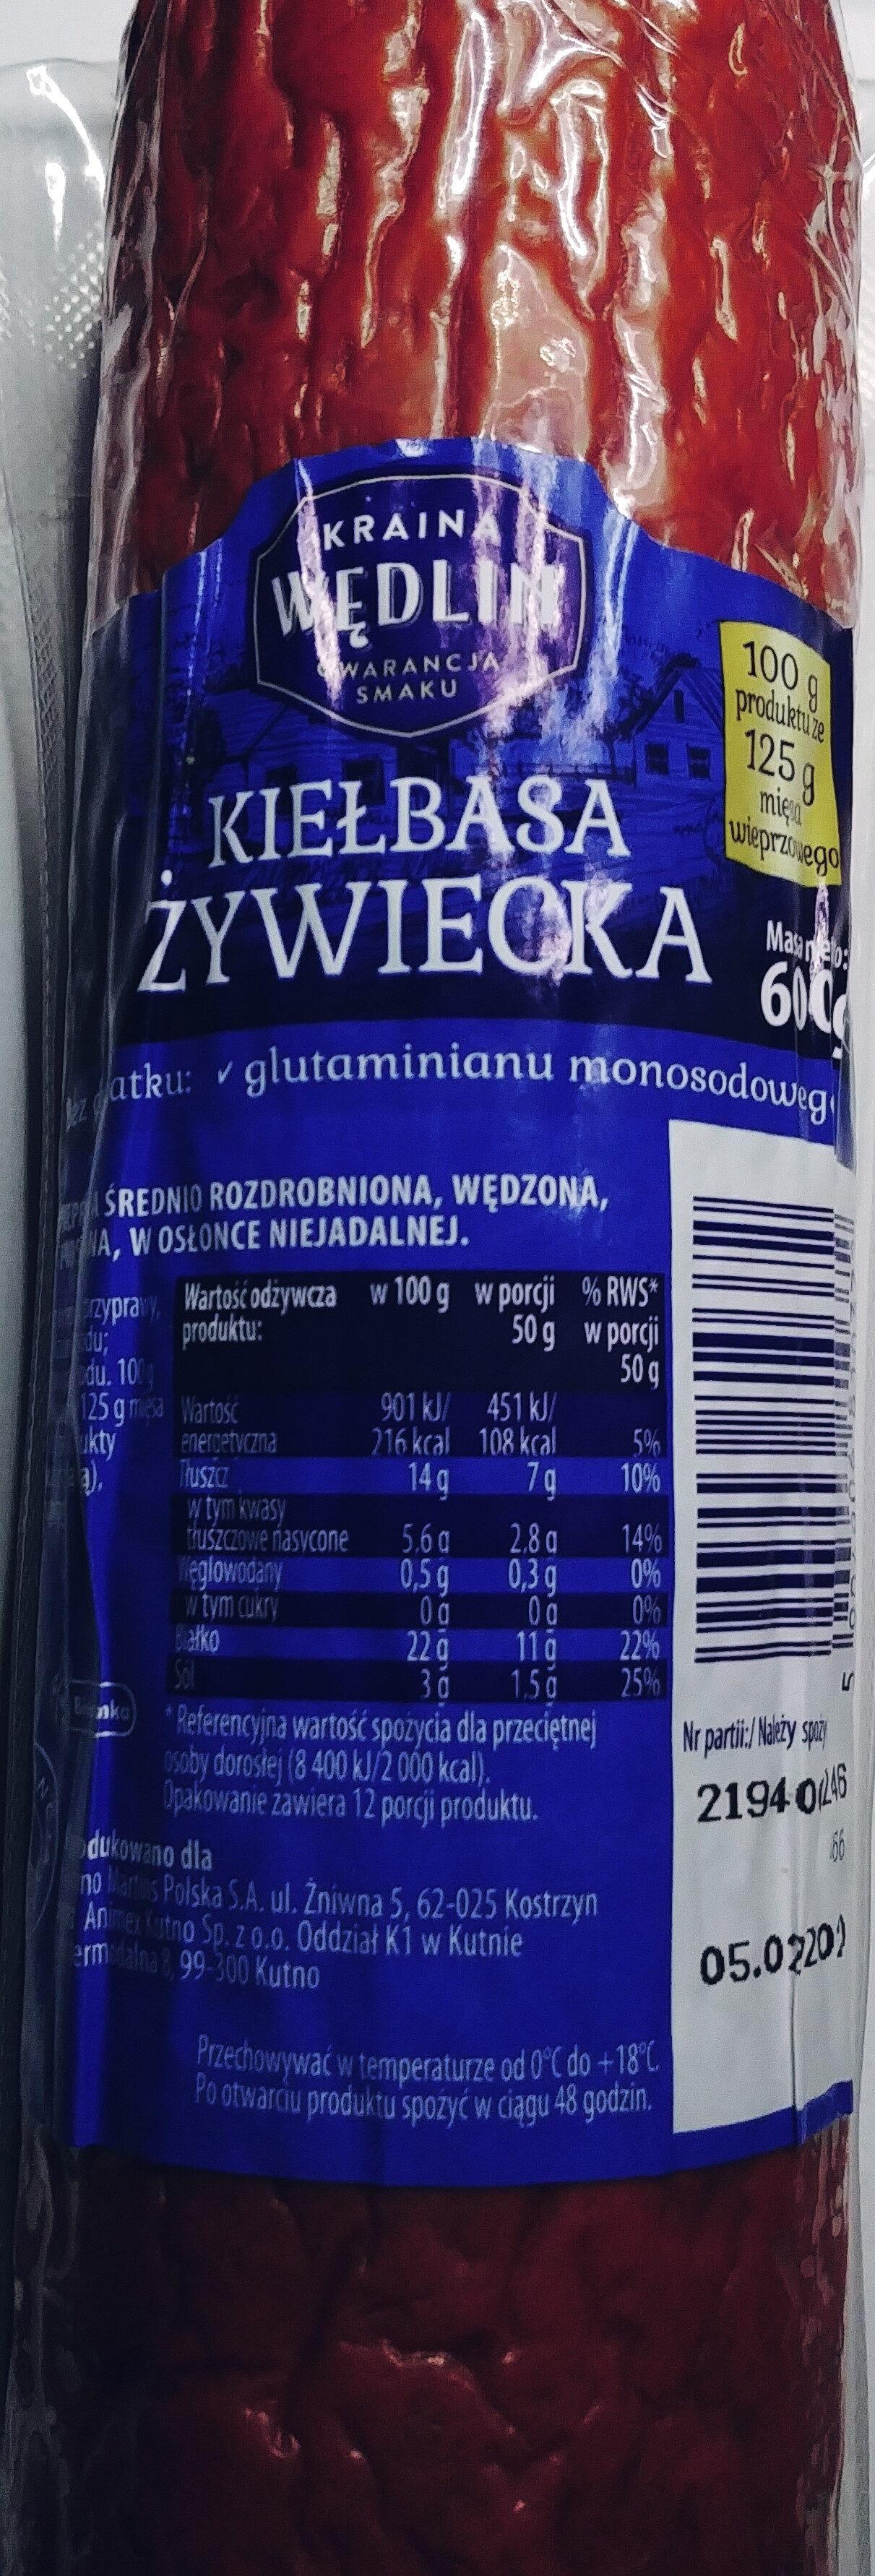 Kiełbasa Żywiecka - Product